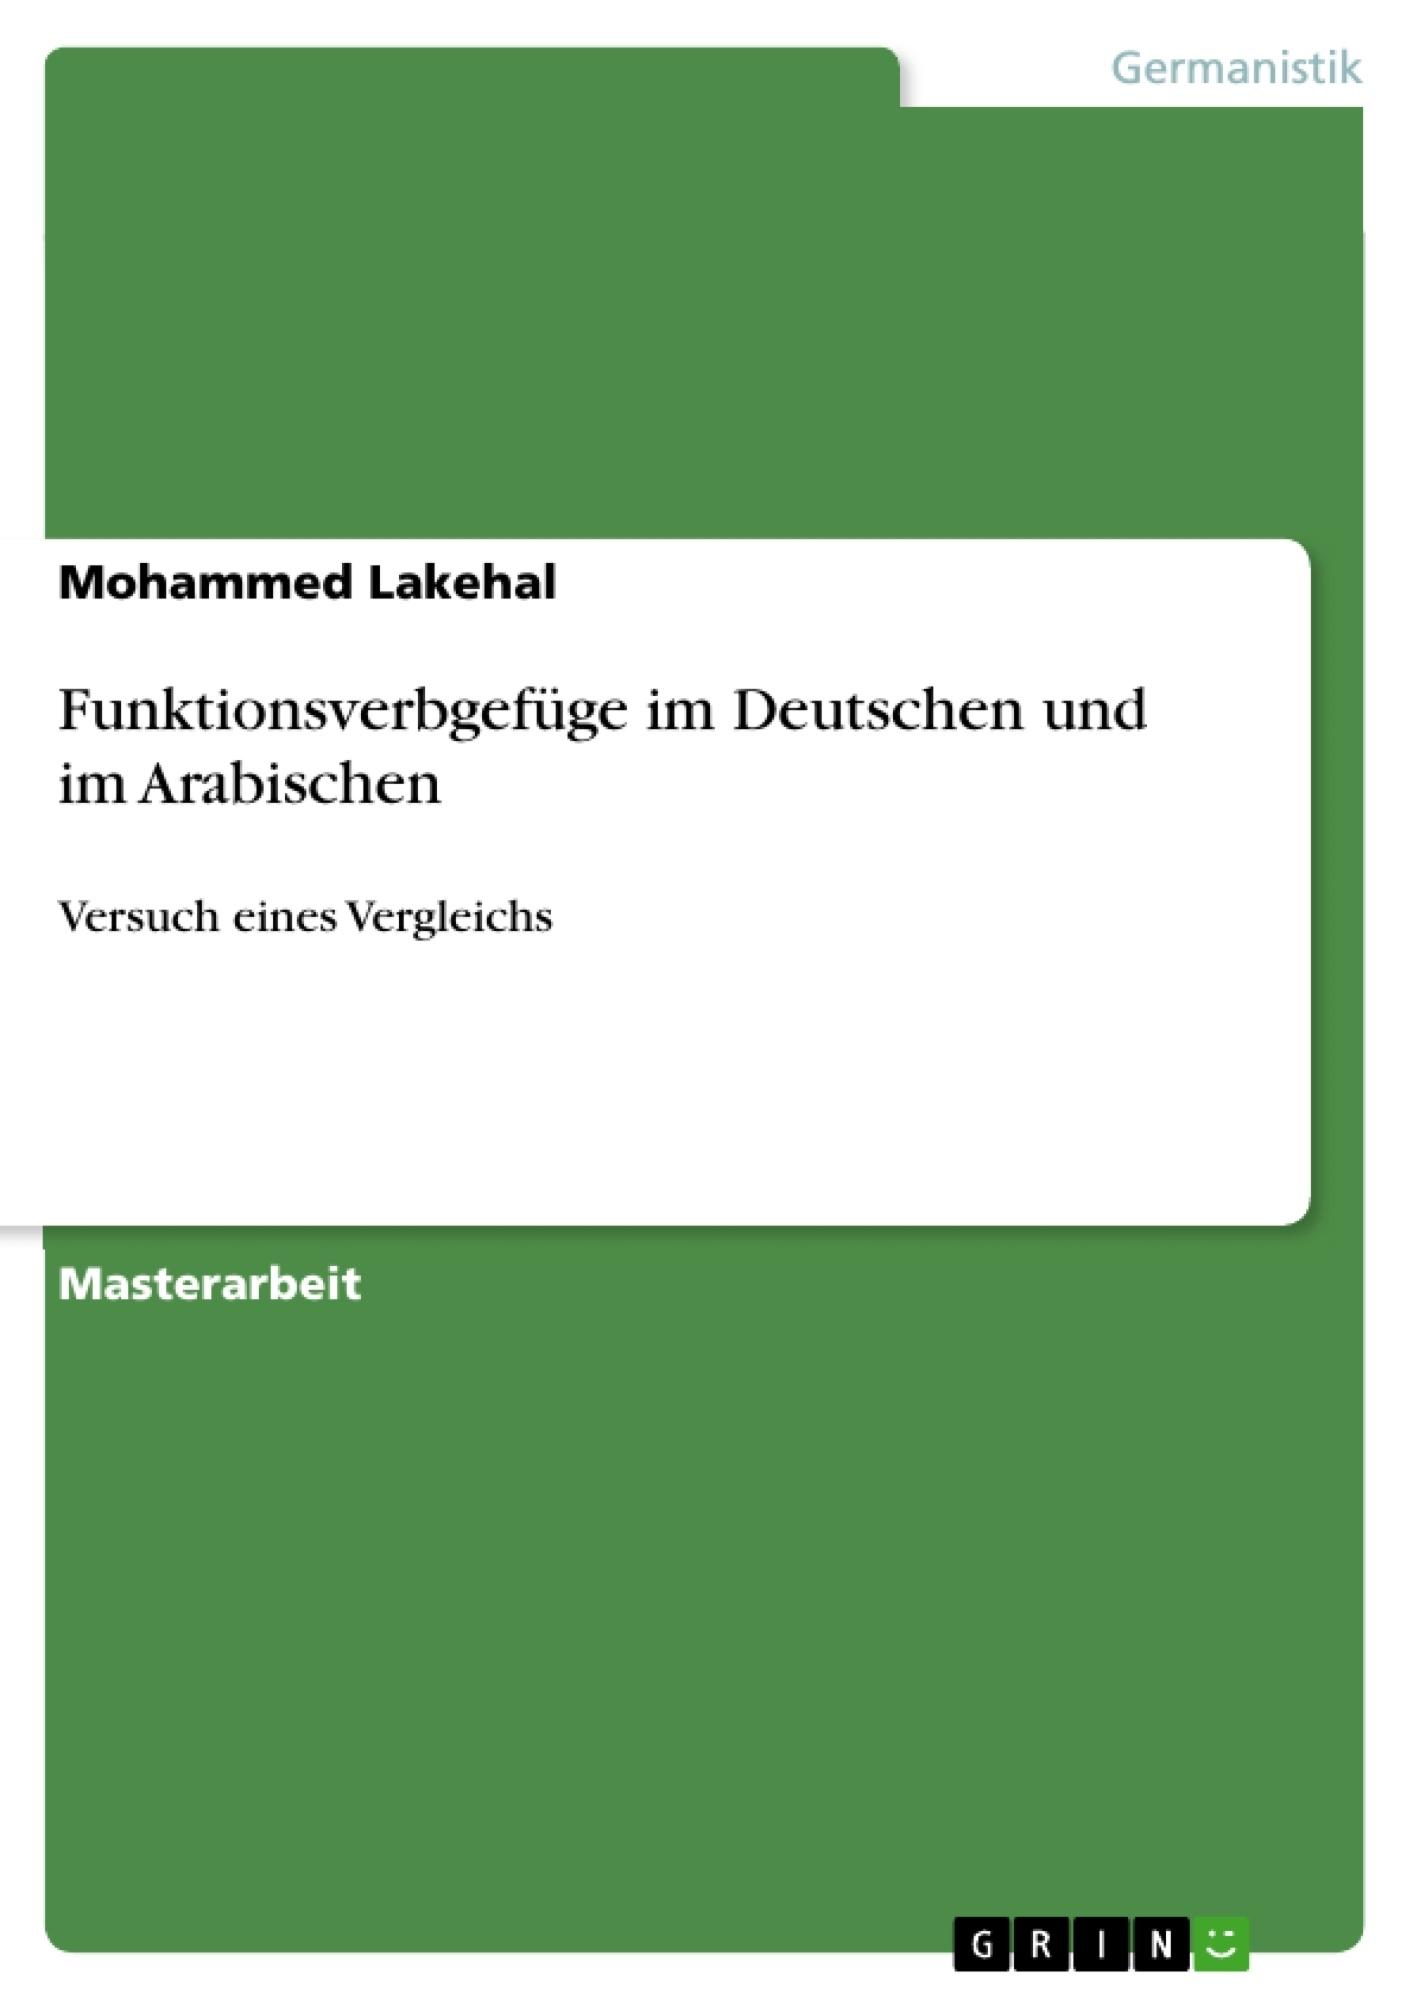 Titel: Funktionsverbgefüge im Deutschen und im Arabischen